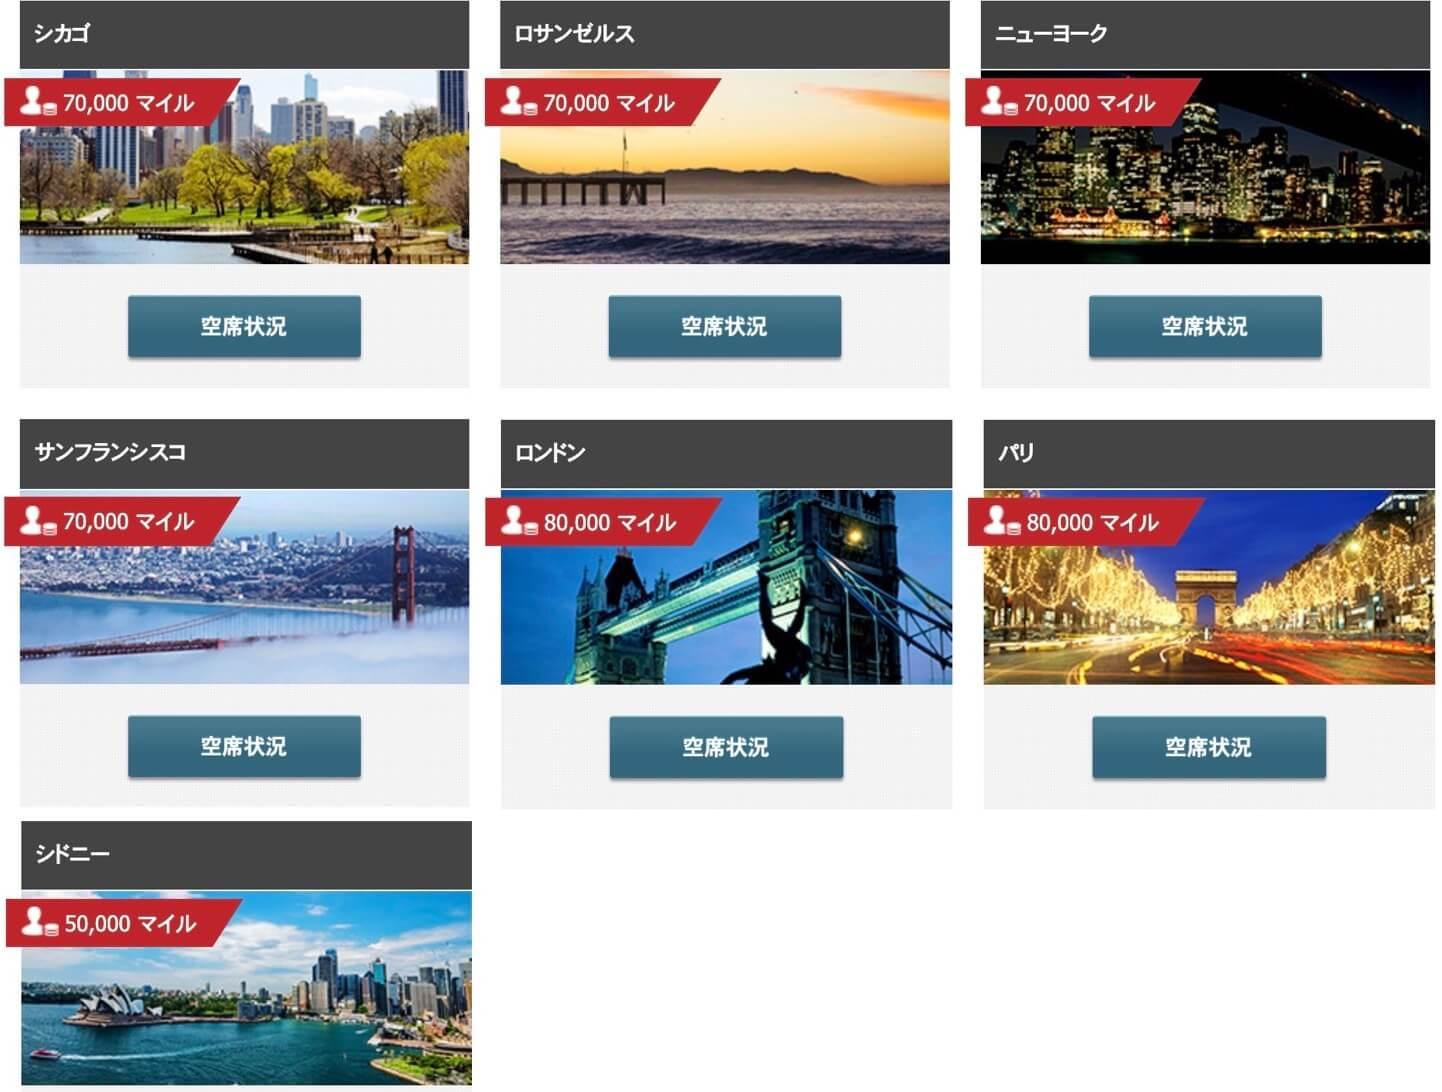 JALのファーストクラスがある路線・国